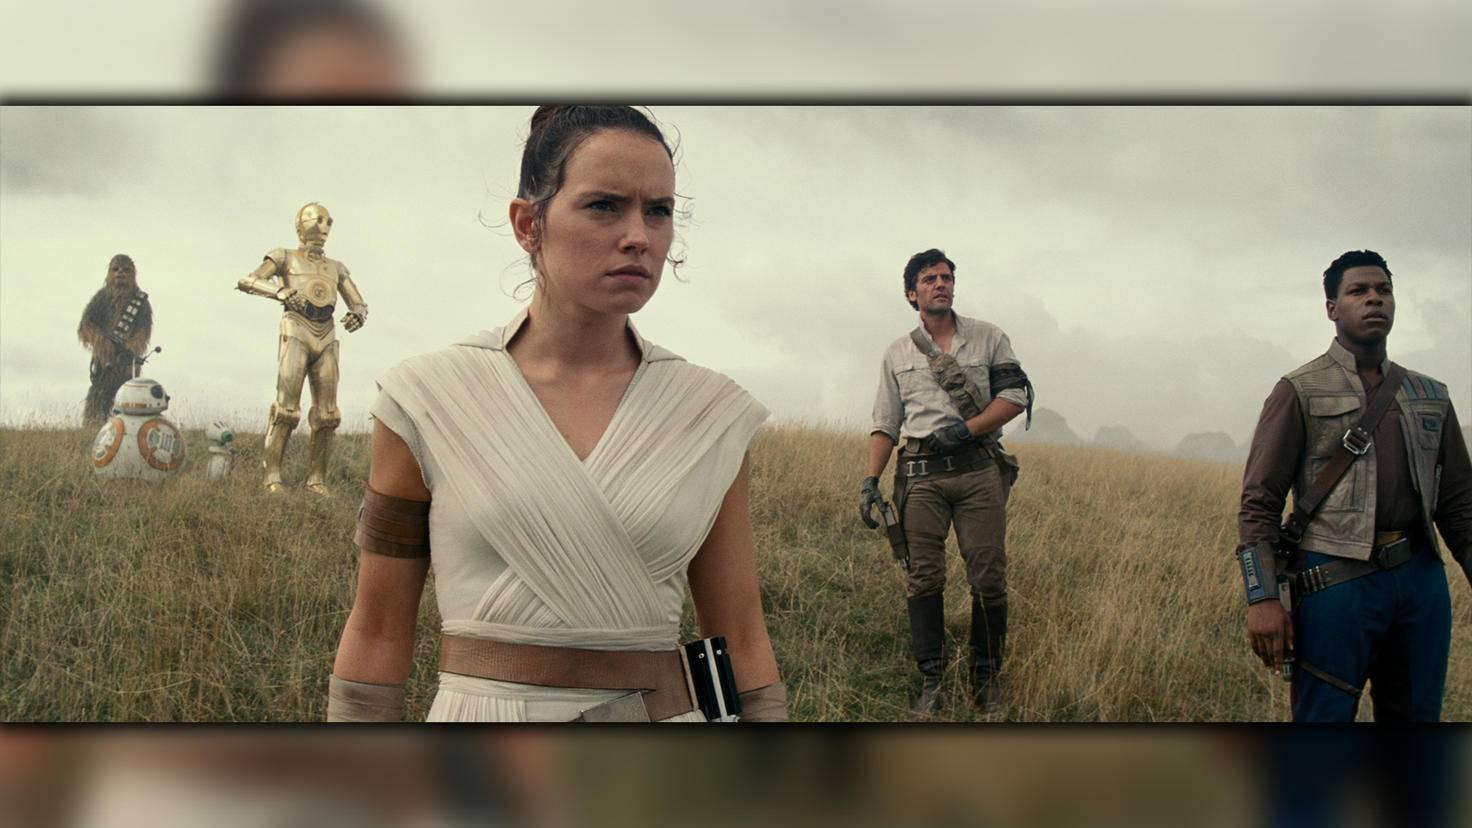 Rey und ihre Freunde entdecken die Überreste des Todessterns.